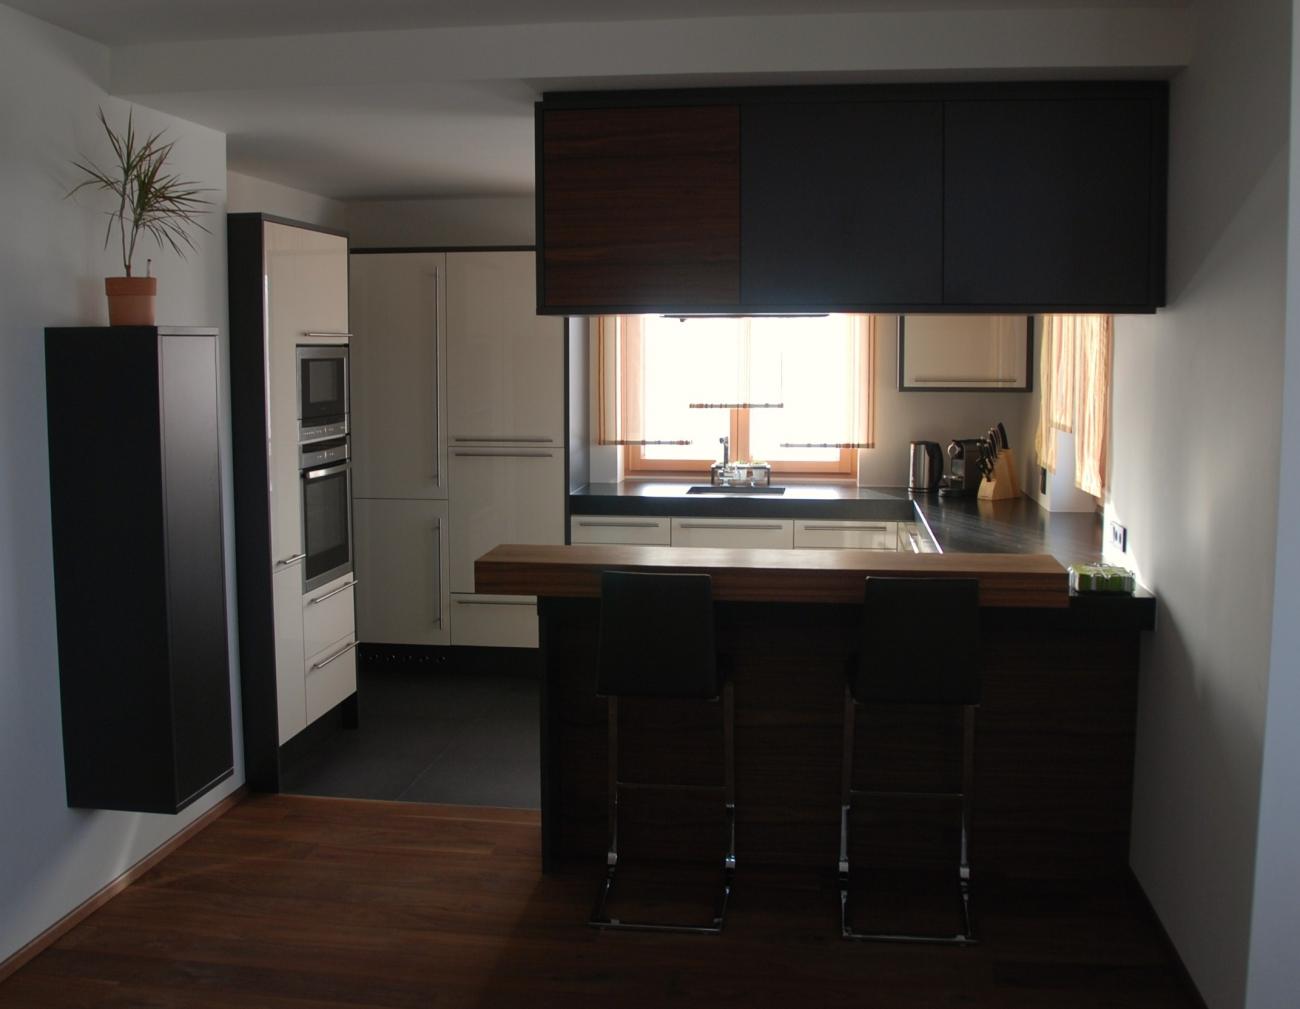 küche | mit fronten in magnolie hochglanz | bar aus ami nuss geölt ...